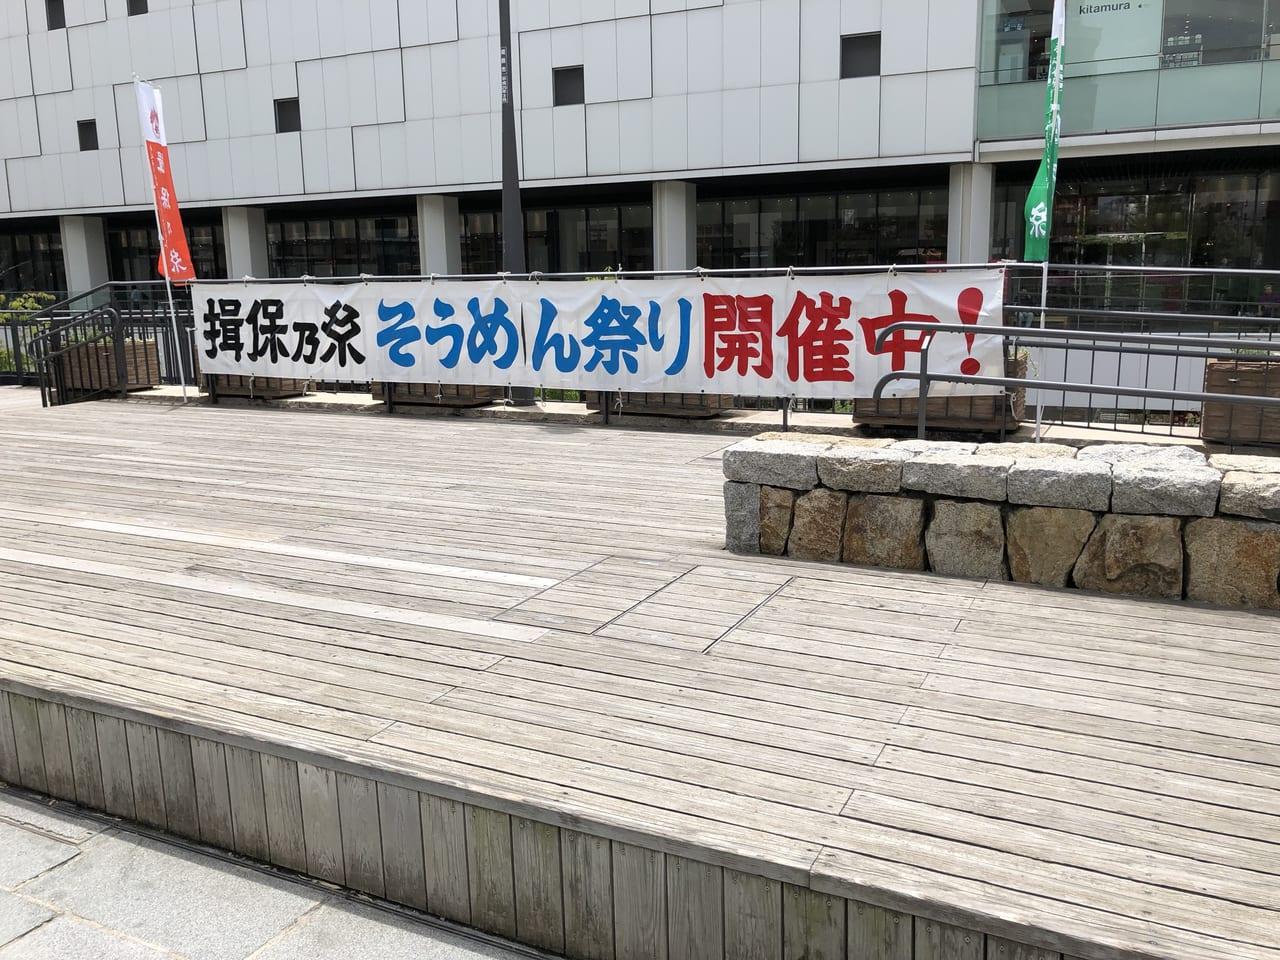 2019年姫路駅前揖保の糸そうめん祭り看板